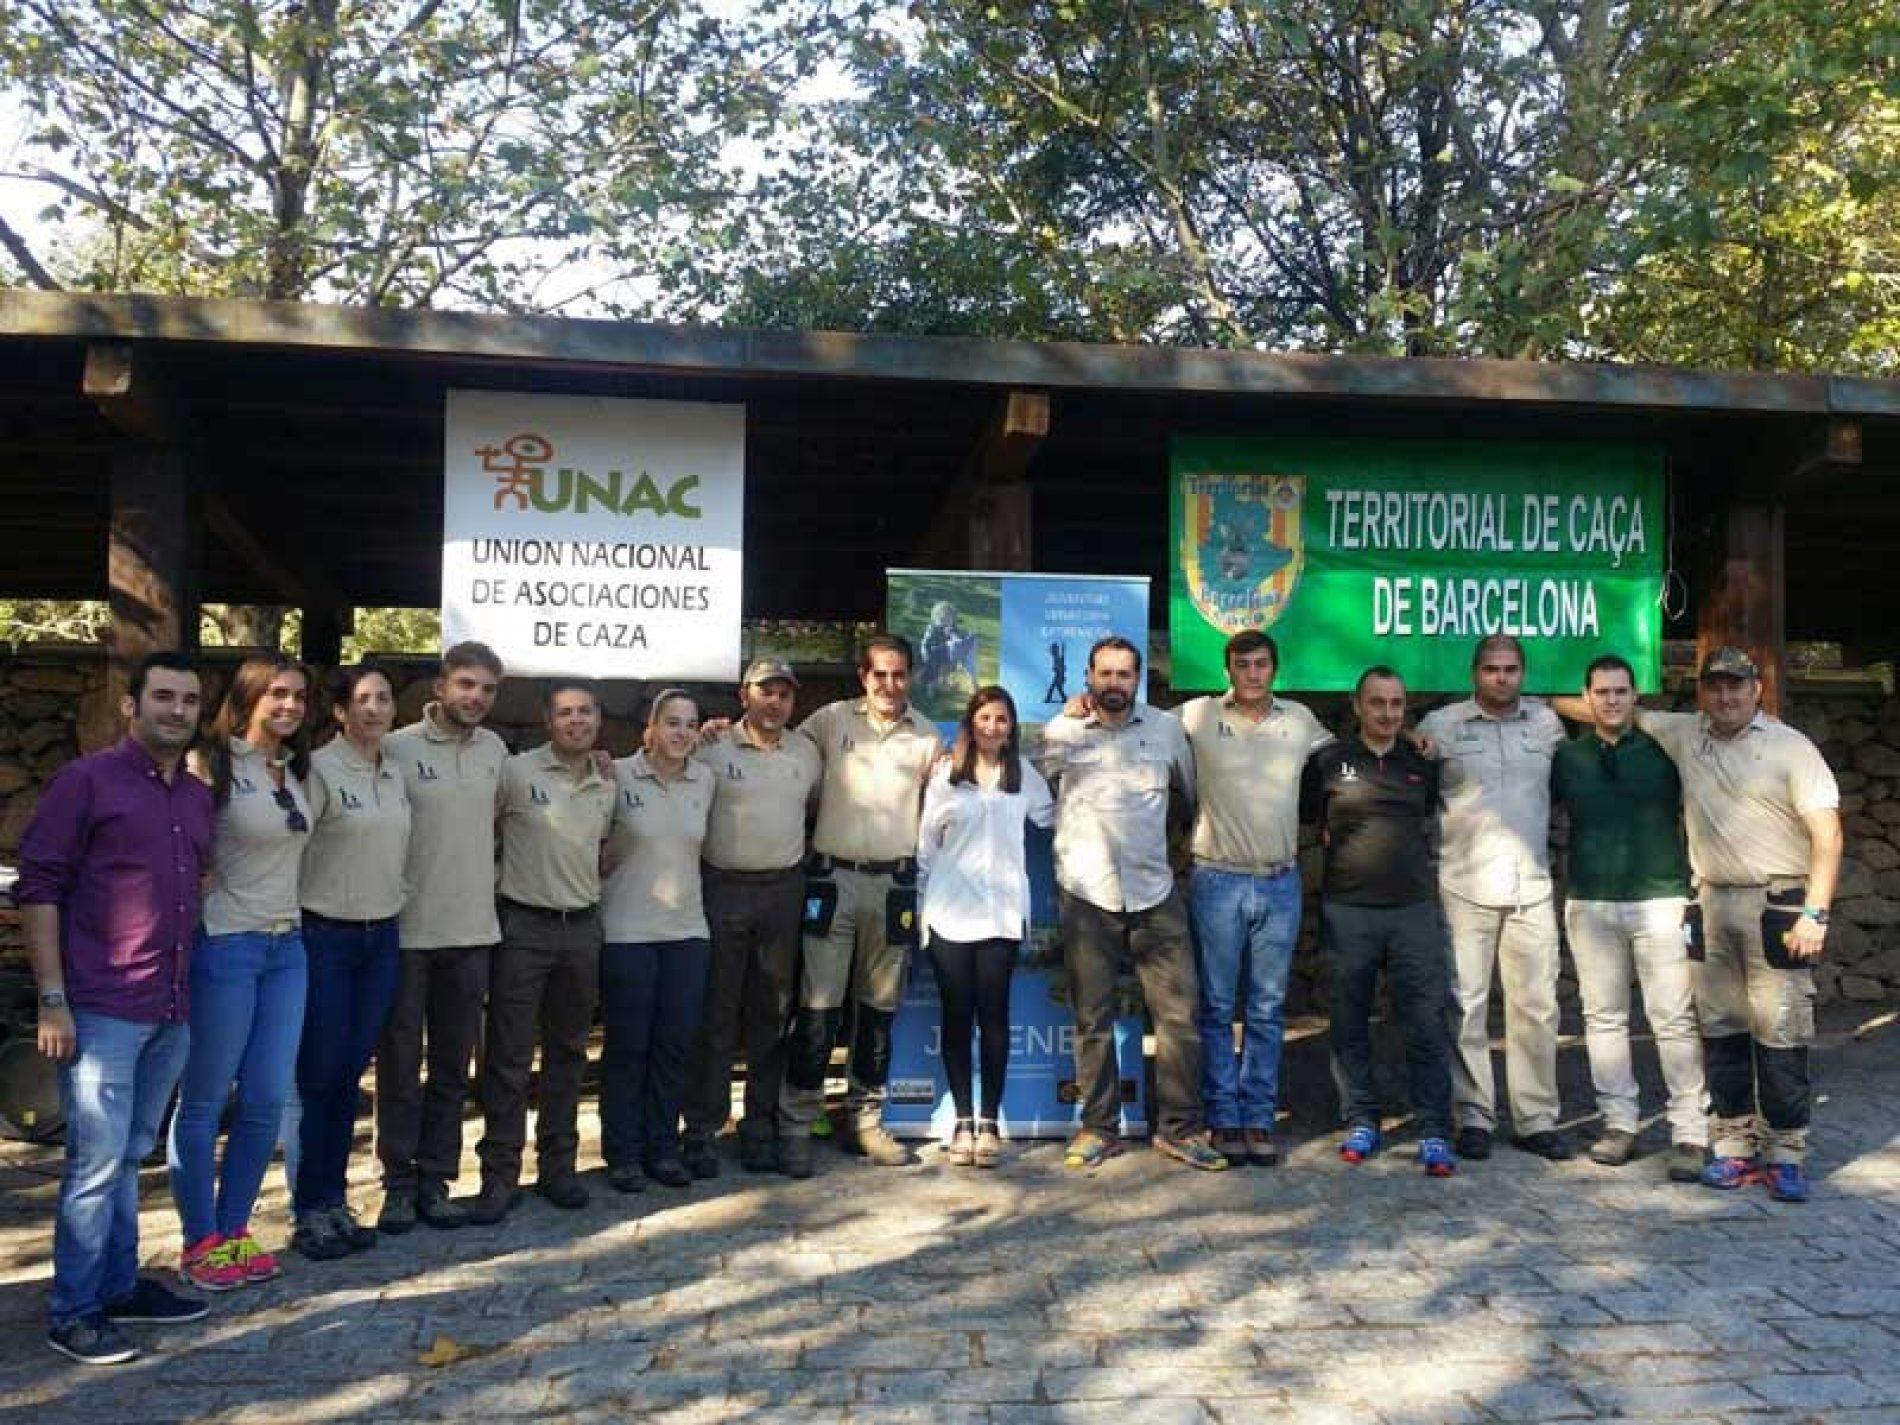 Éxito rotundo del I Encuentro Nacional de Jóvenes Cazadores